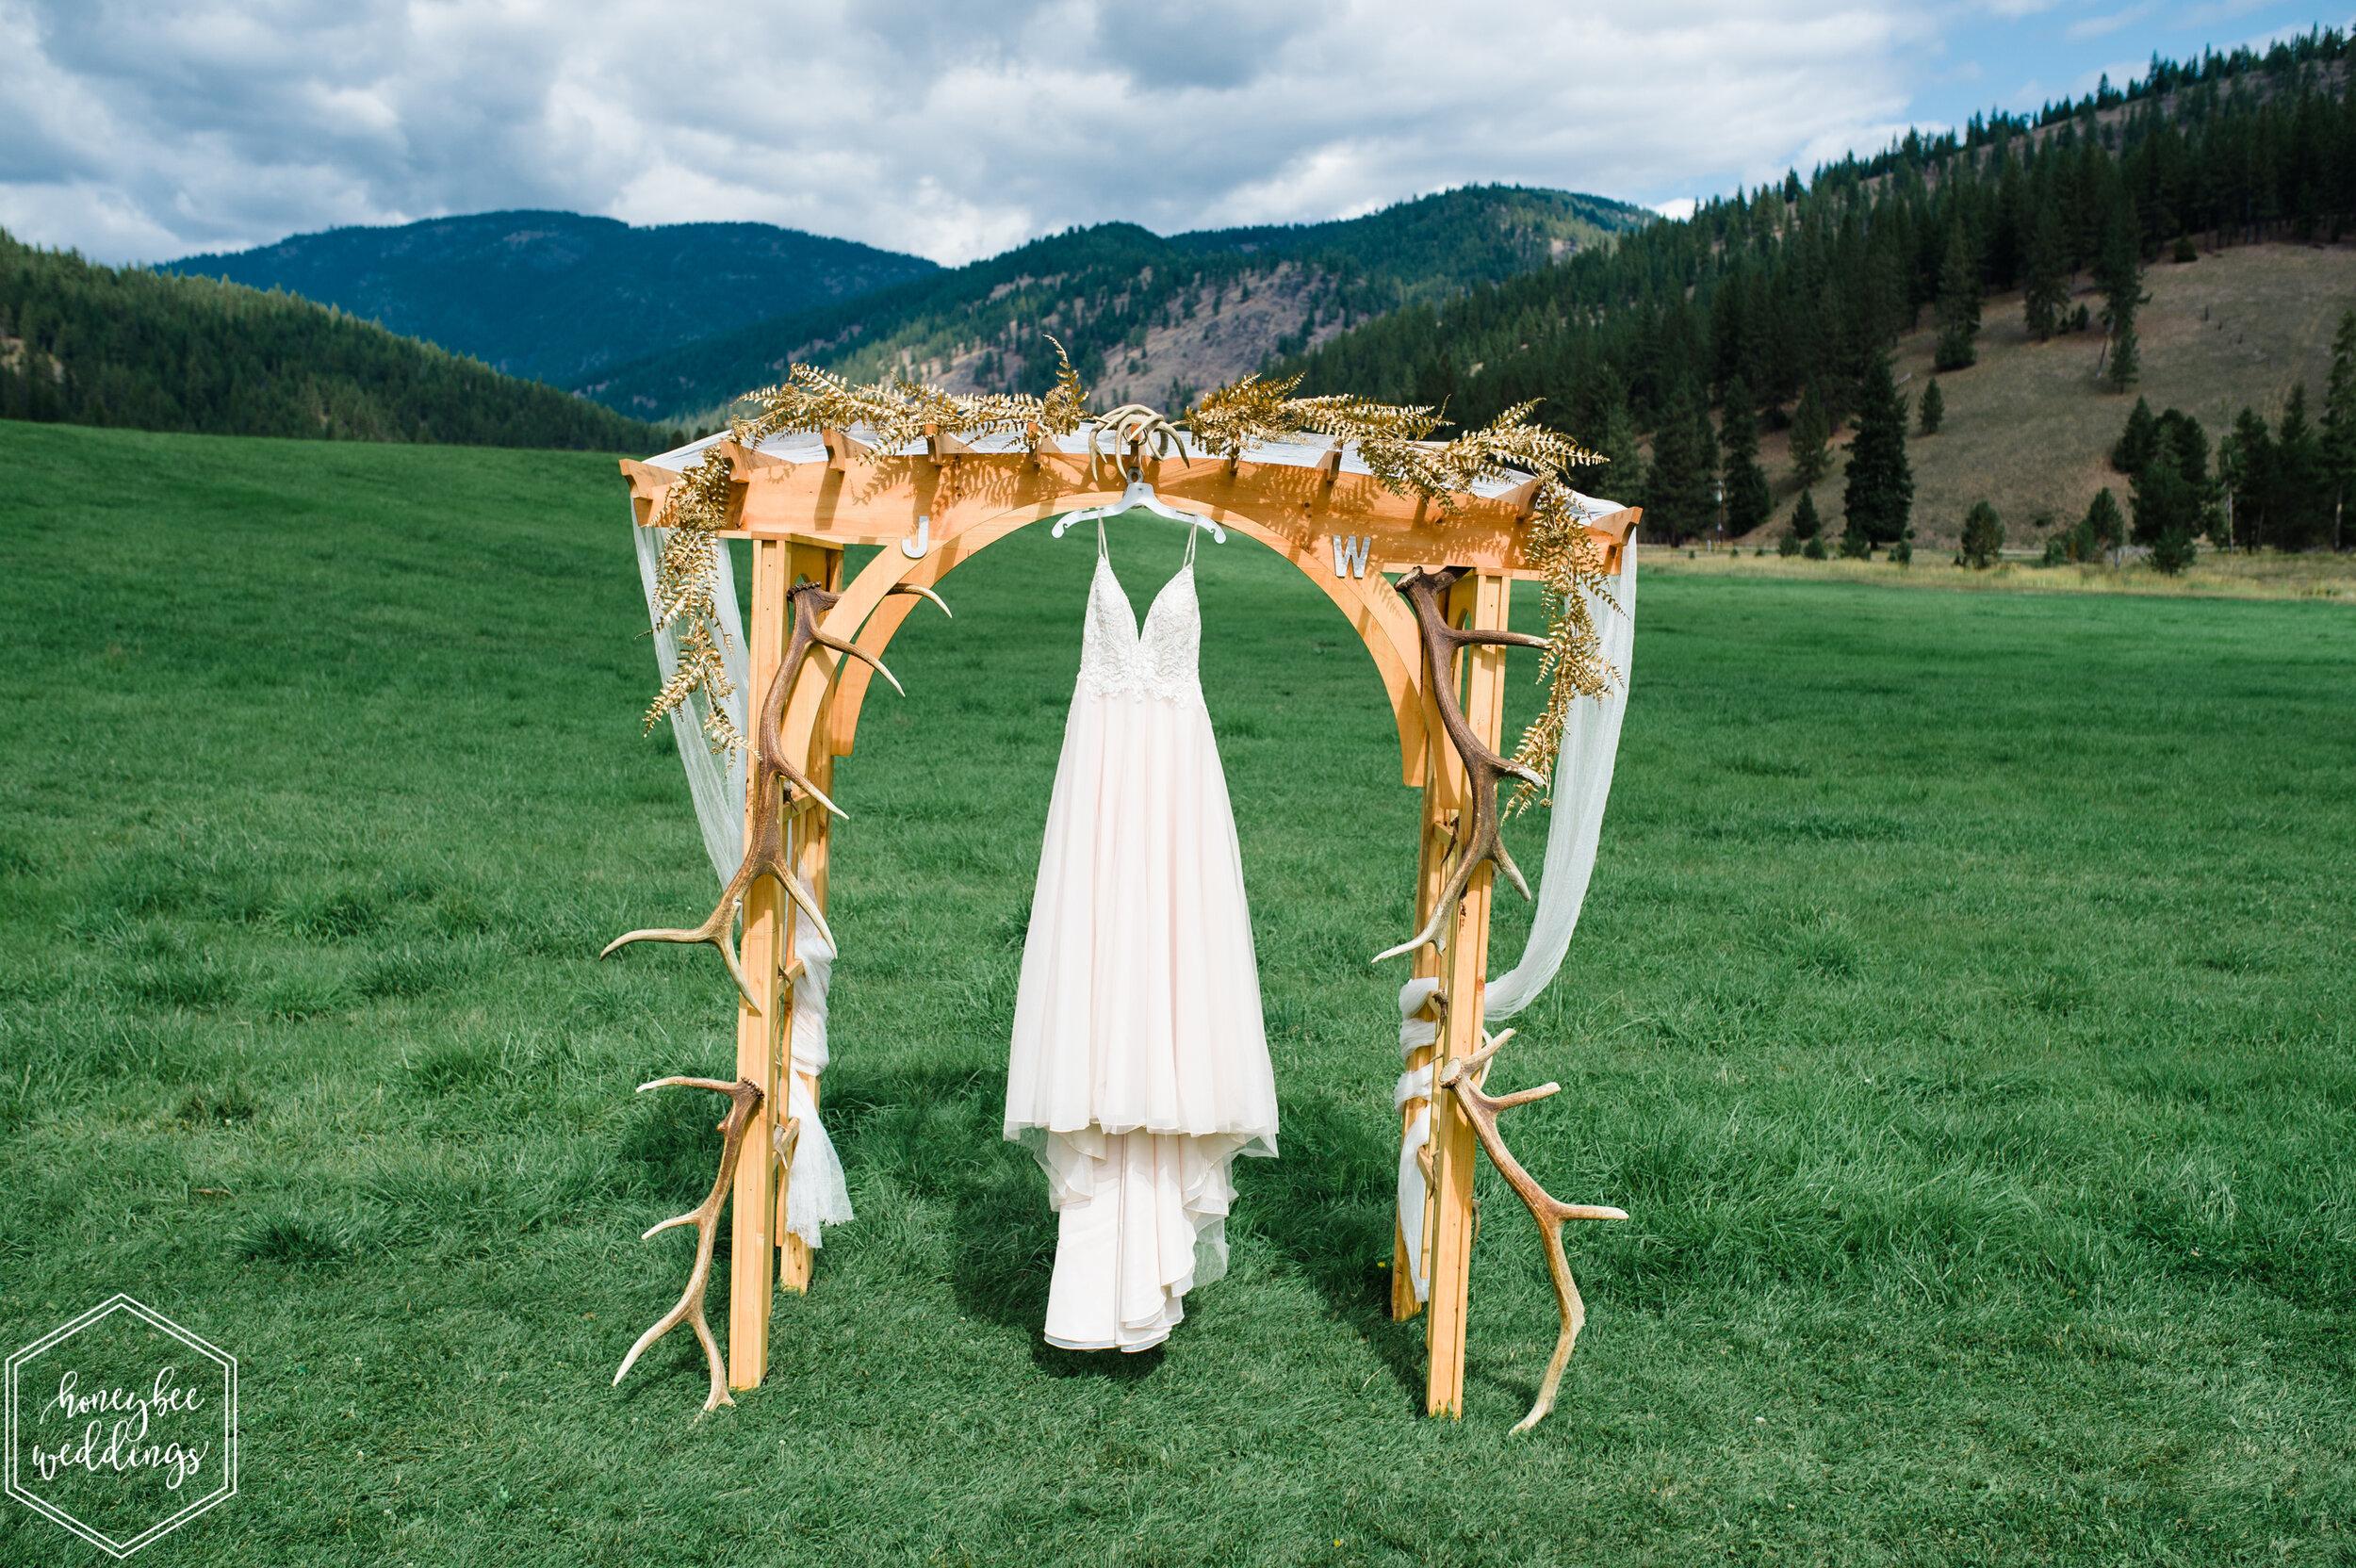 001Seven Mile Meadows Wedding_Montana Wedding Photographer_Jamie & Wes_Honeybee Weddings_September 07, 2019-866.jpg